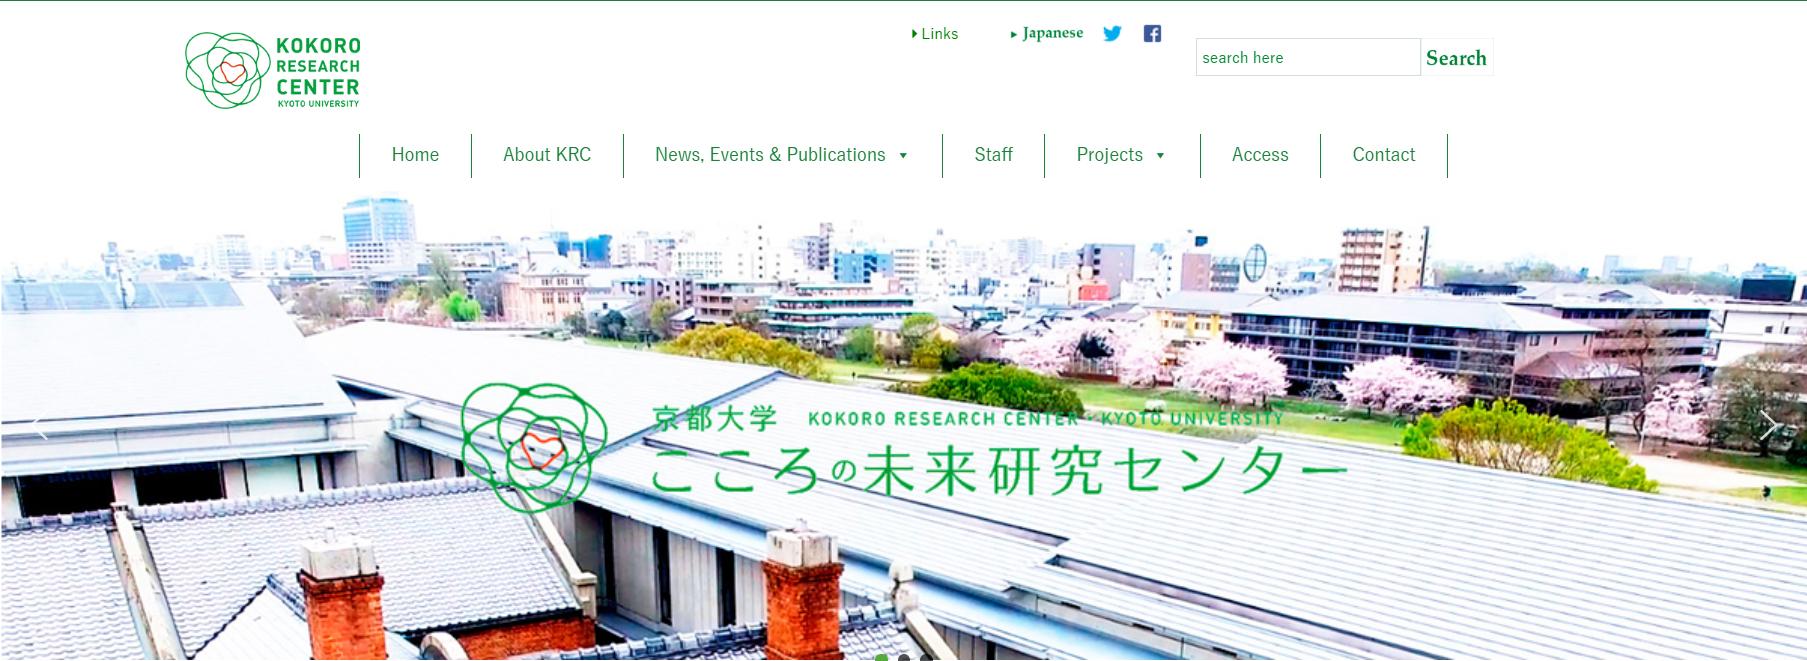 京都大学,心的未来研究中心